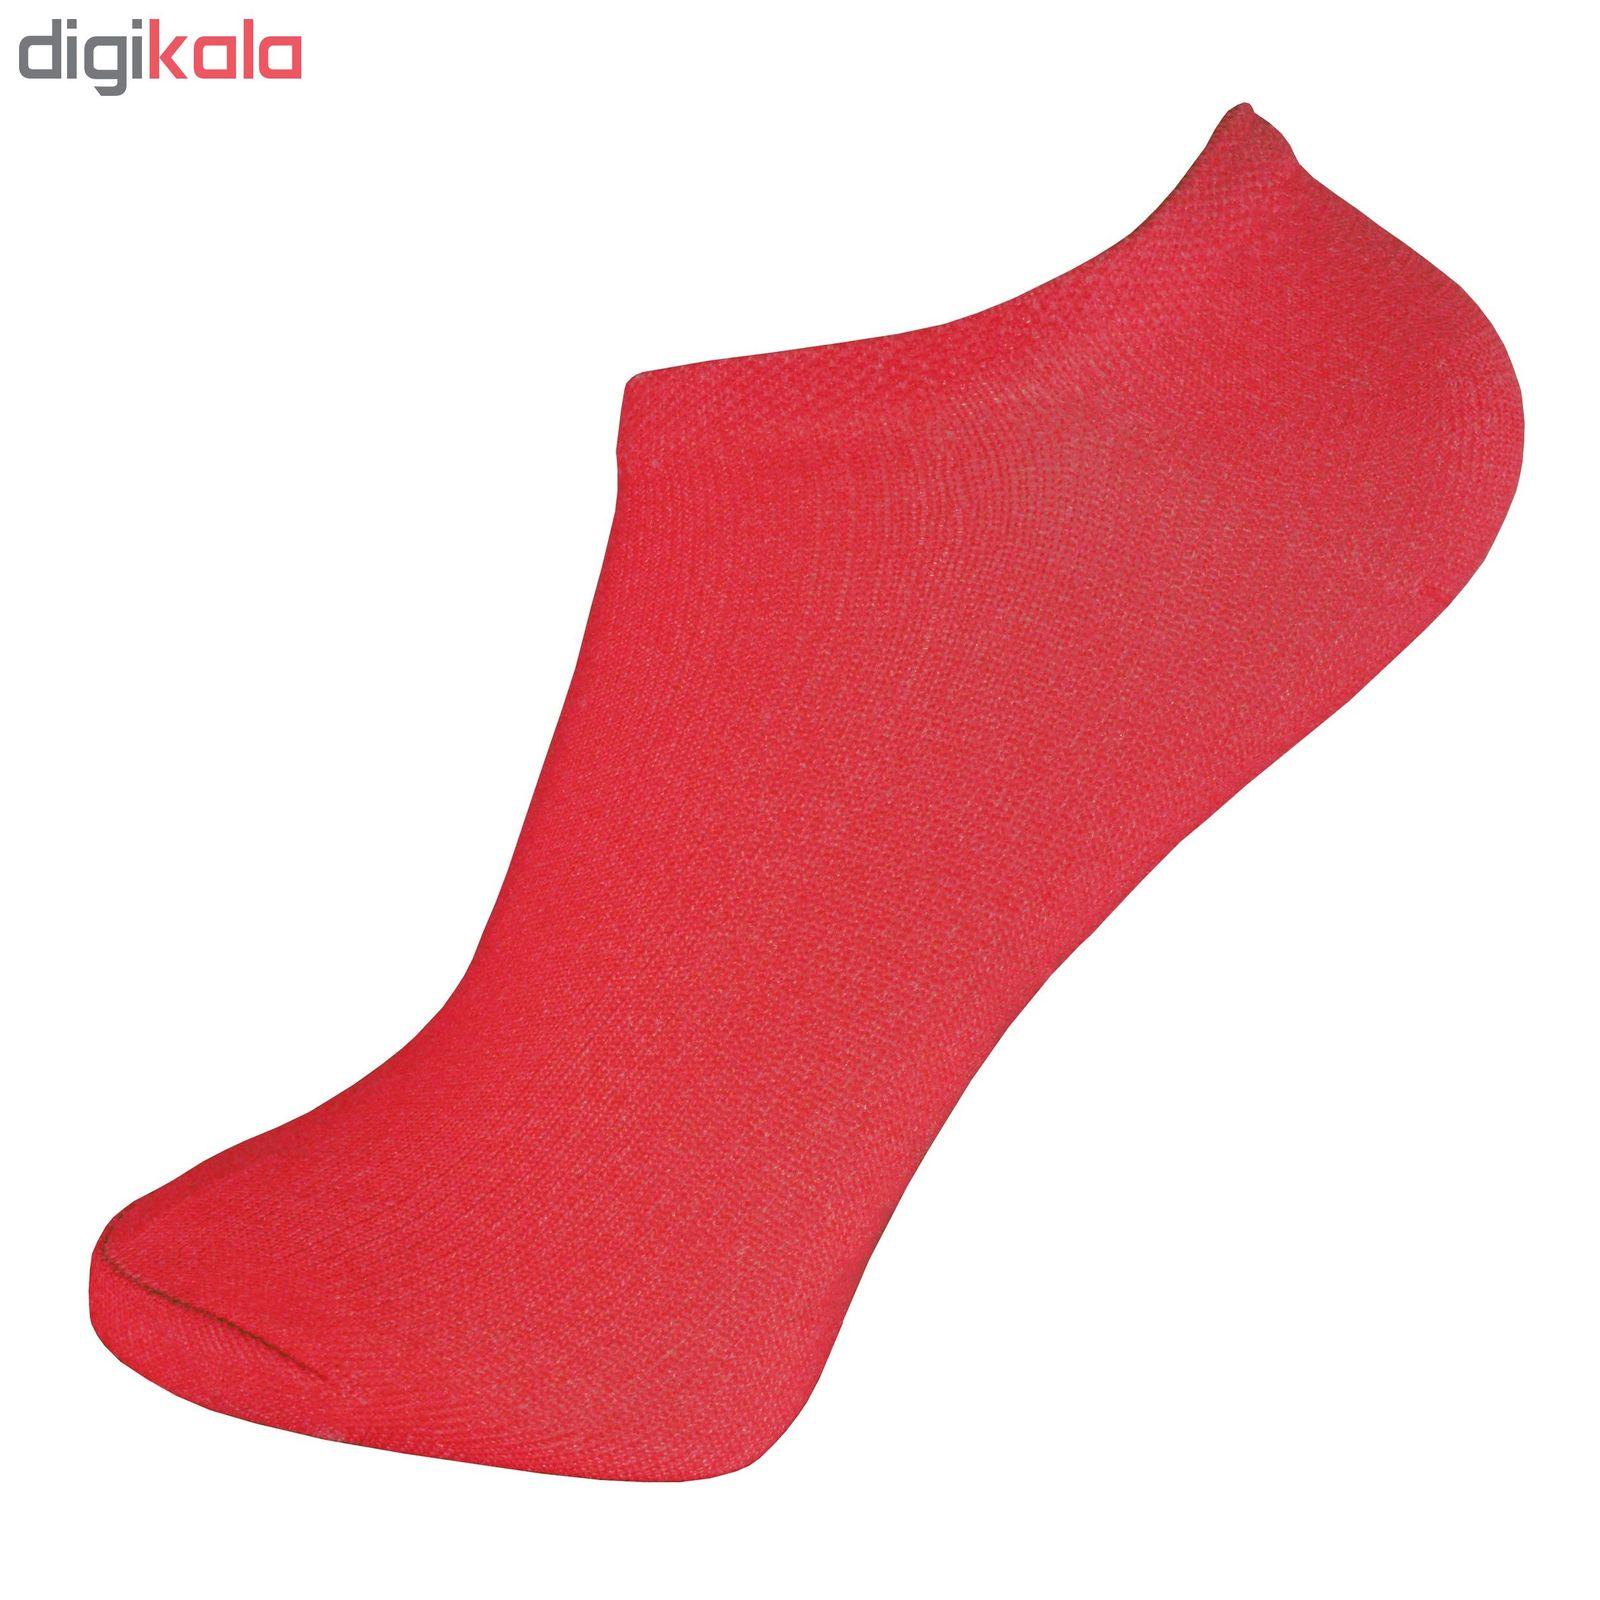 جوراب زنانه پرشیکا کد 1 مجموعه 12 عددی main 1 3